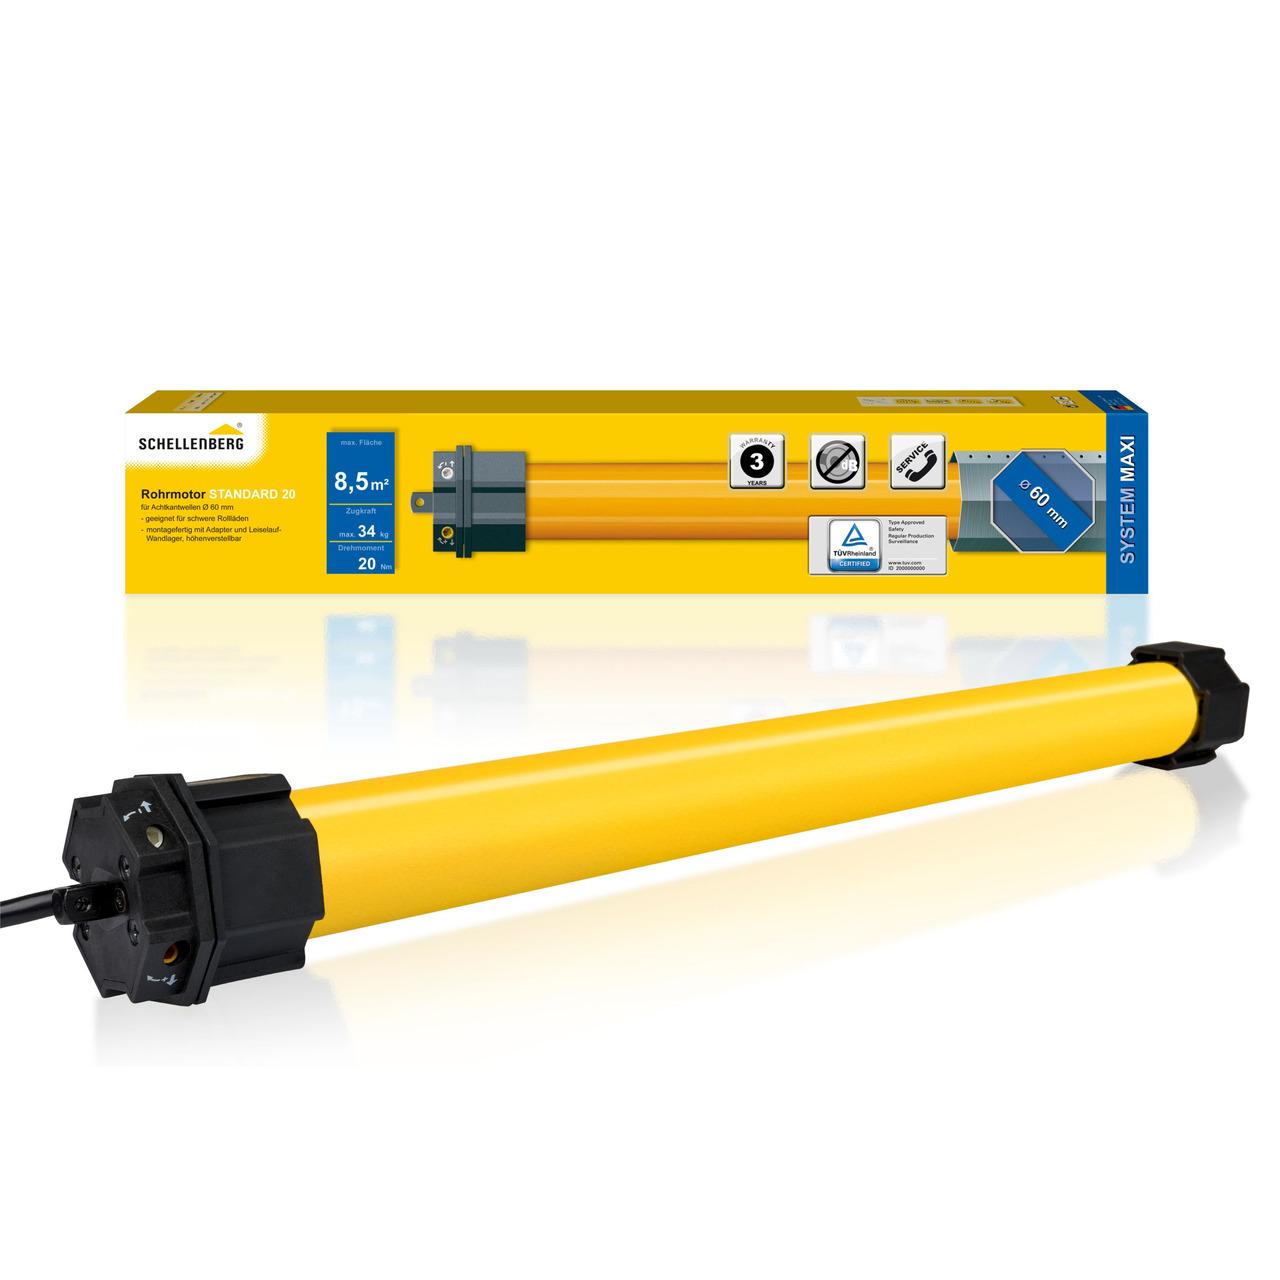 Schellenberg Mechanischer Rohrmotor STANDARD für SW60- 20 Nm